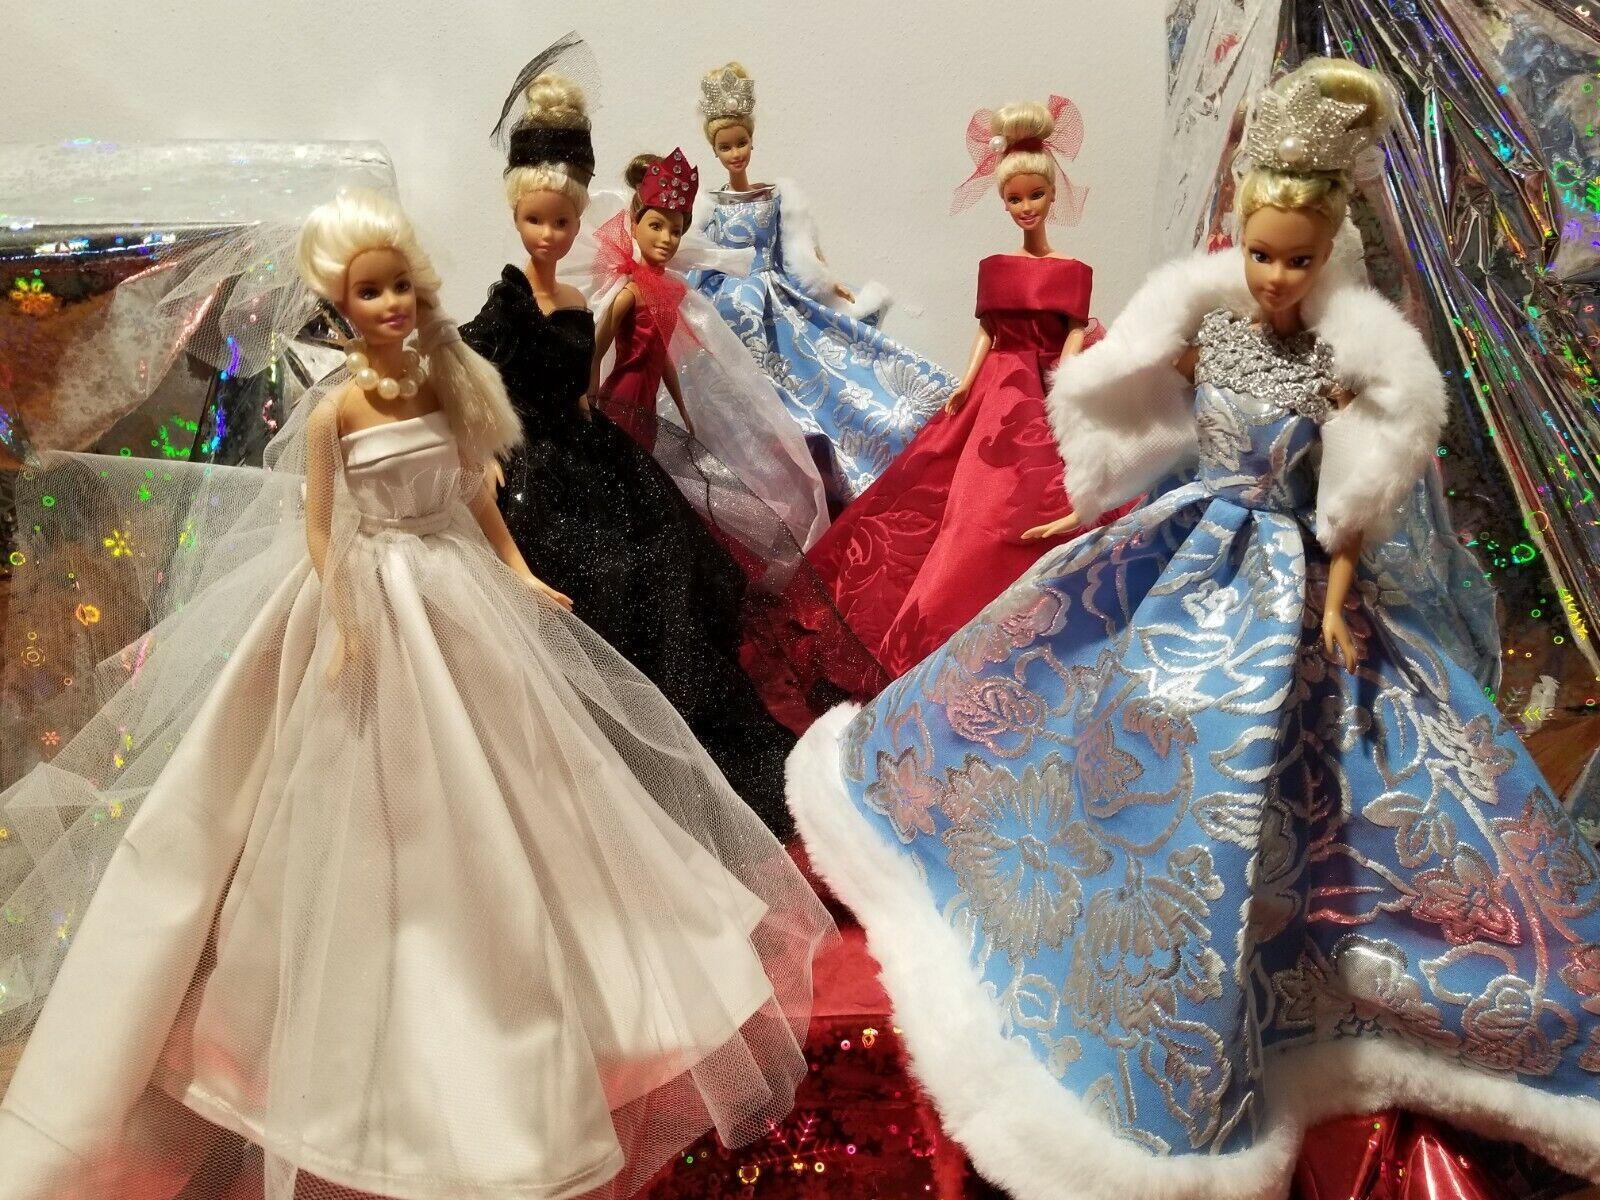 Abiti sartoriali per Barbie taglia unica realizzati a mano con tessuti ricercati